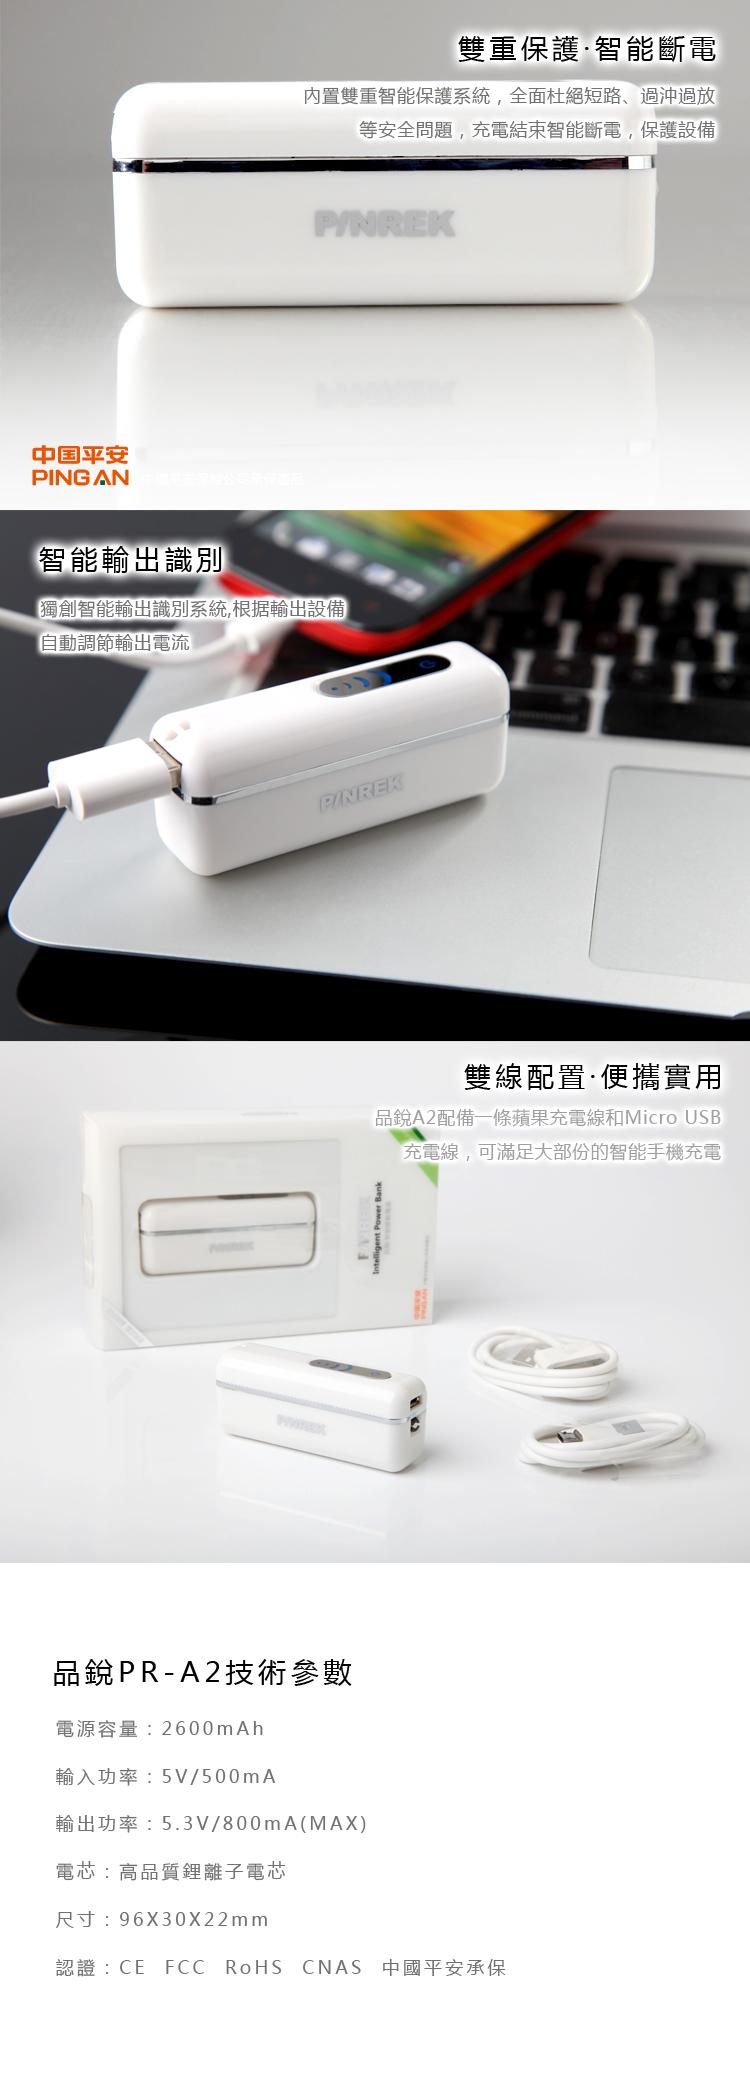 带验钞功能2600毫安品锐充电宝 所有手机通用应急移动电源图片二